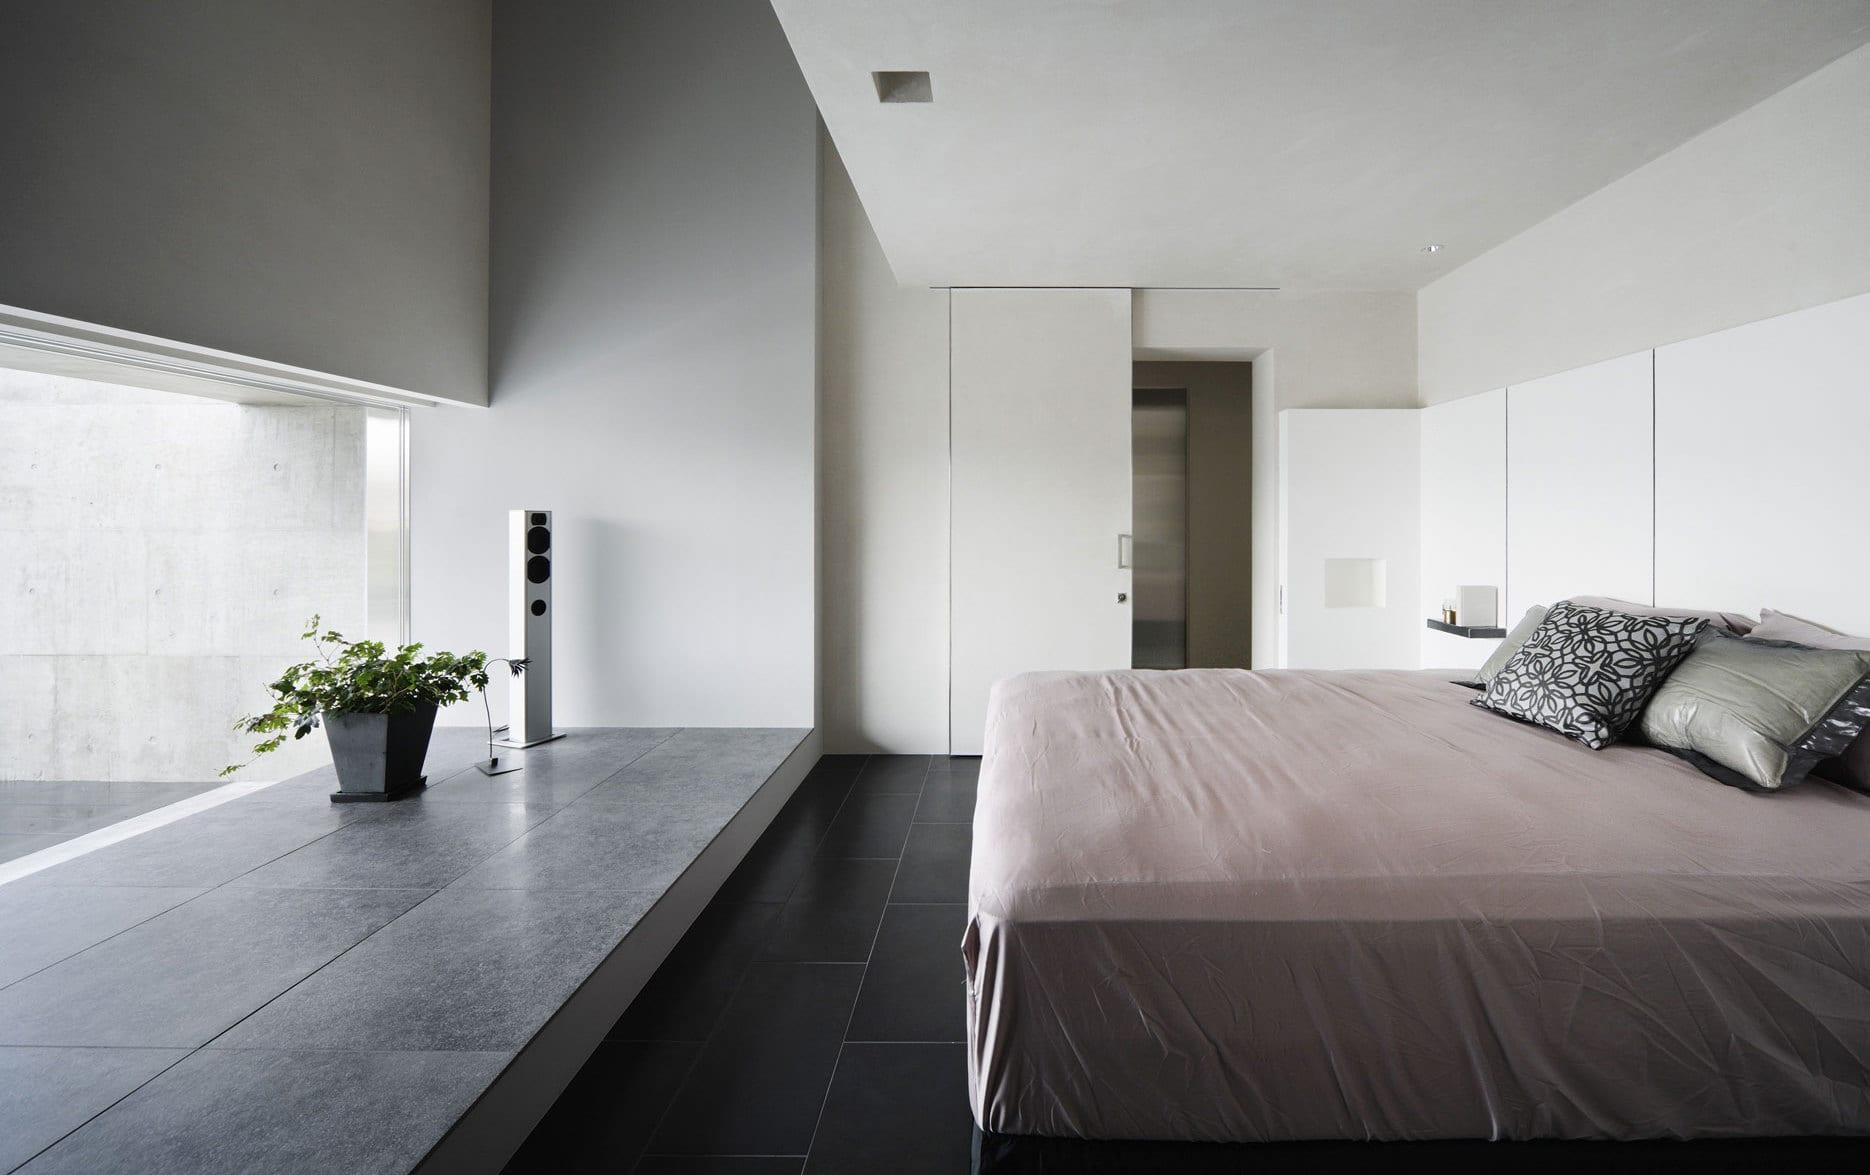 modernes schlafzimmer interior mit niedriger fensterbank aus naturstein